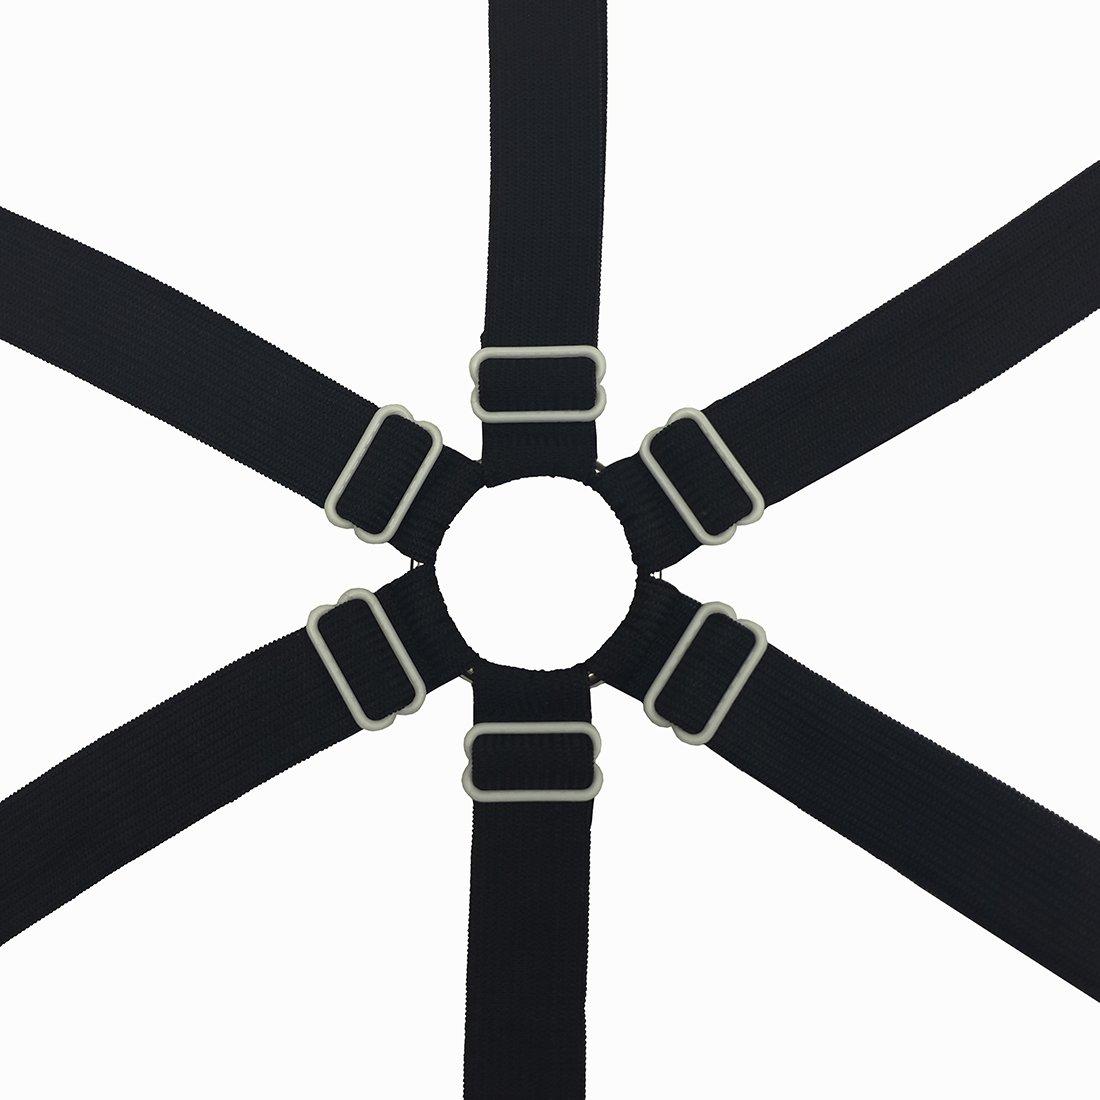 Toweter 3 Vie Nero Auivguiv 6 Lati Regolabile Elastico Ferma Lenzuola,Clip Lenzuola,Adatta per Tutti i Formato Rotondo e Quadrato Materassi